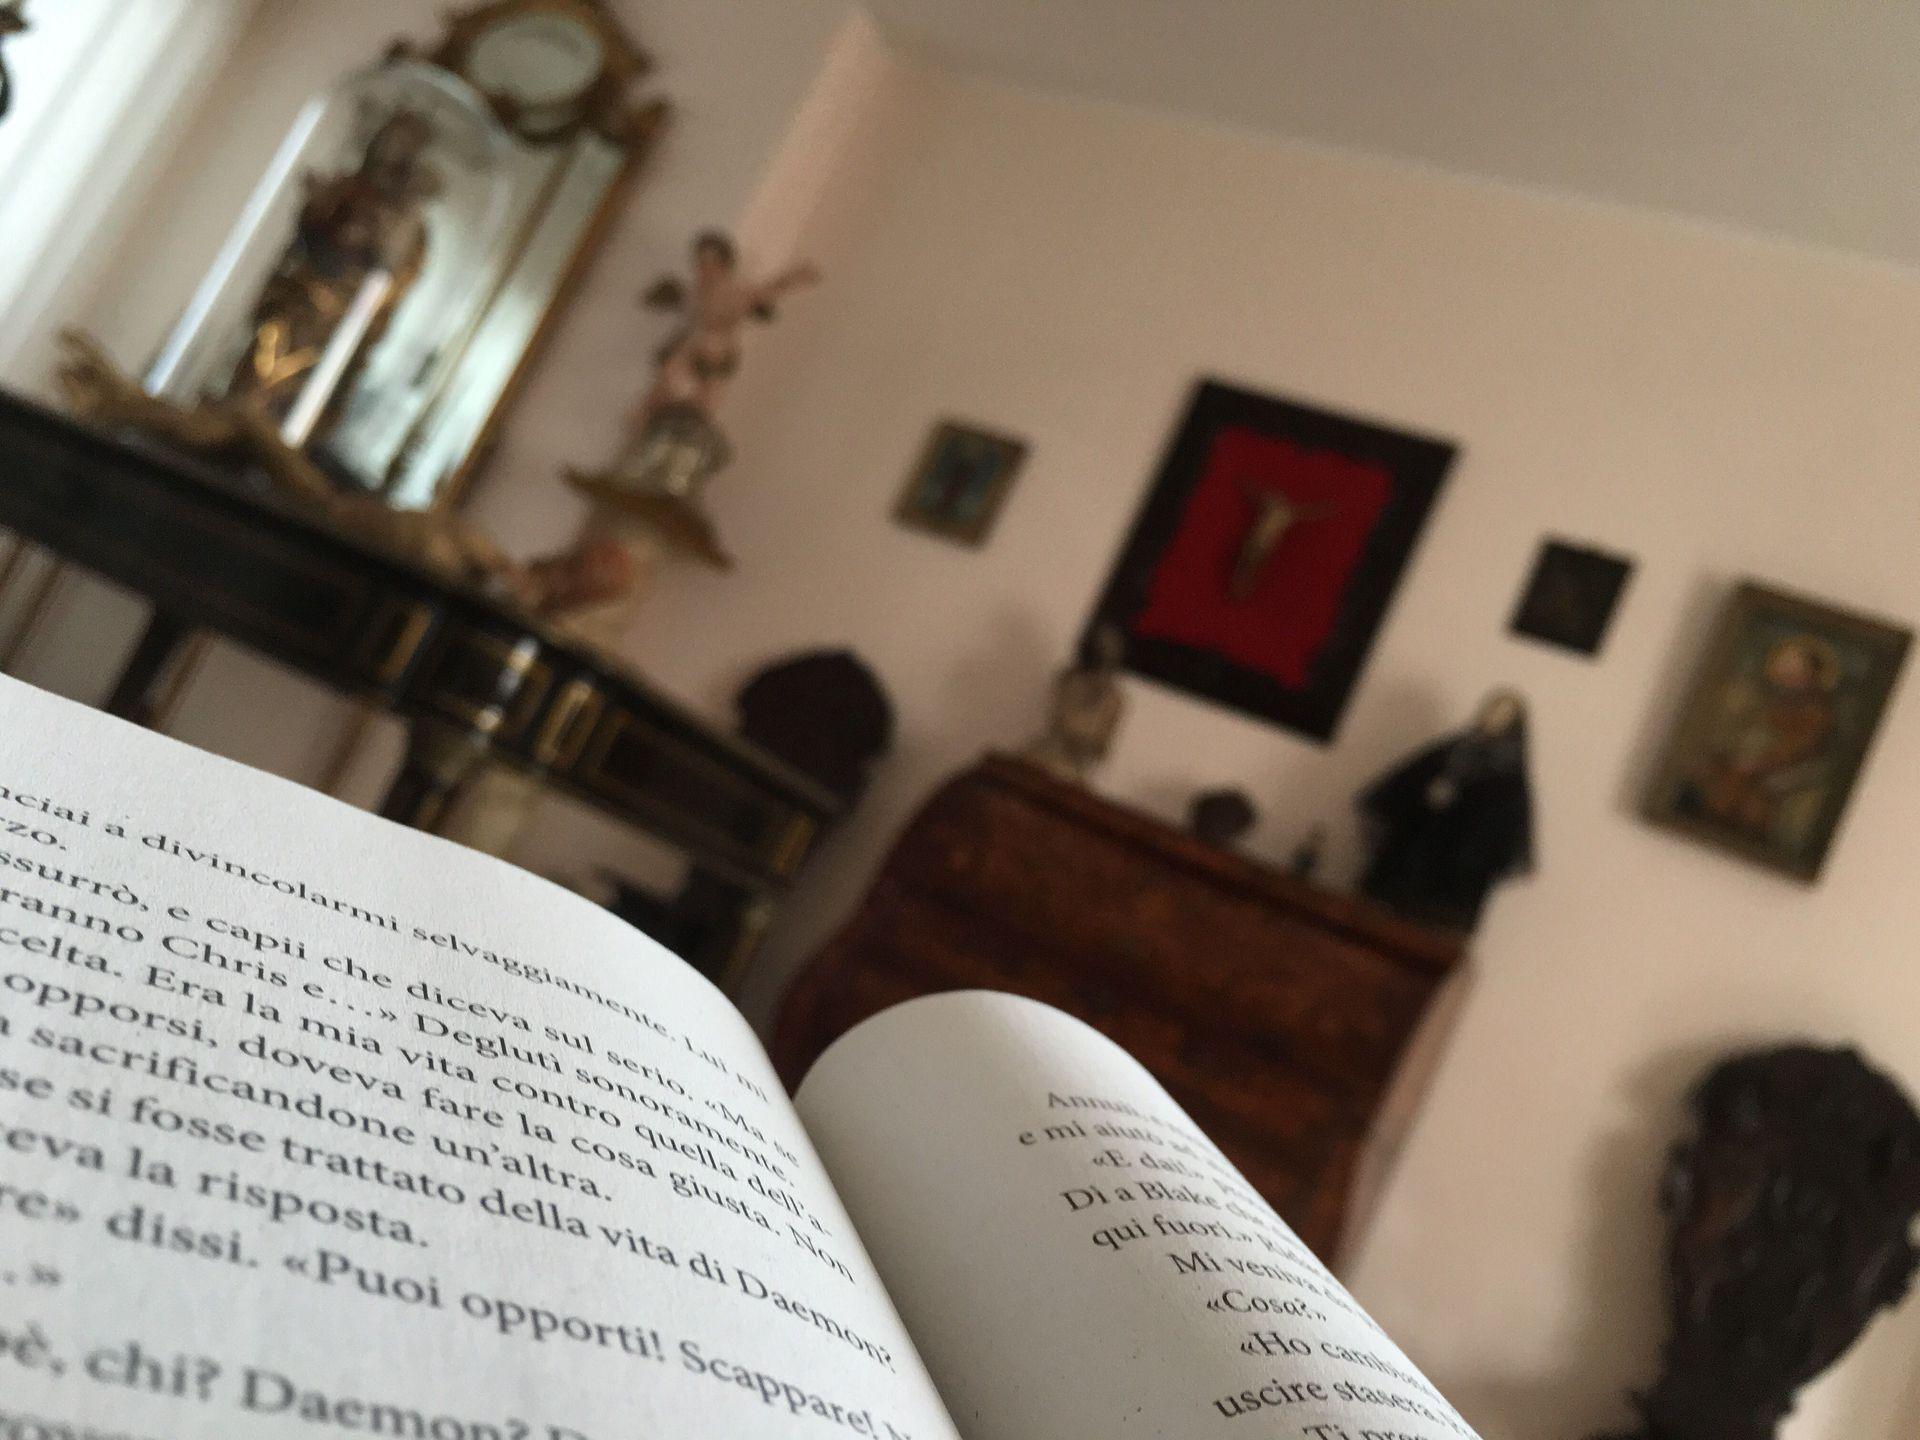 Le Frasi Più Belle Dei Libri Libri Contemporanei Wattpad